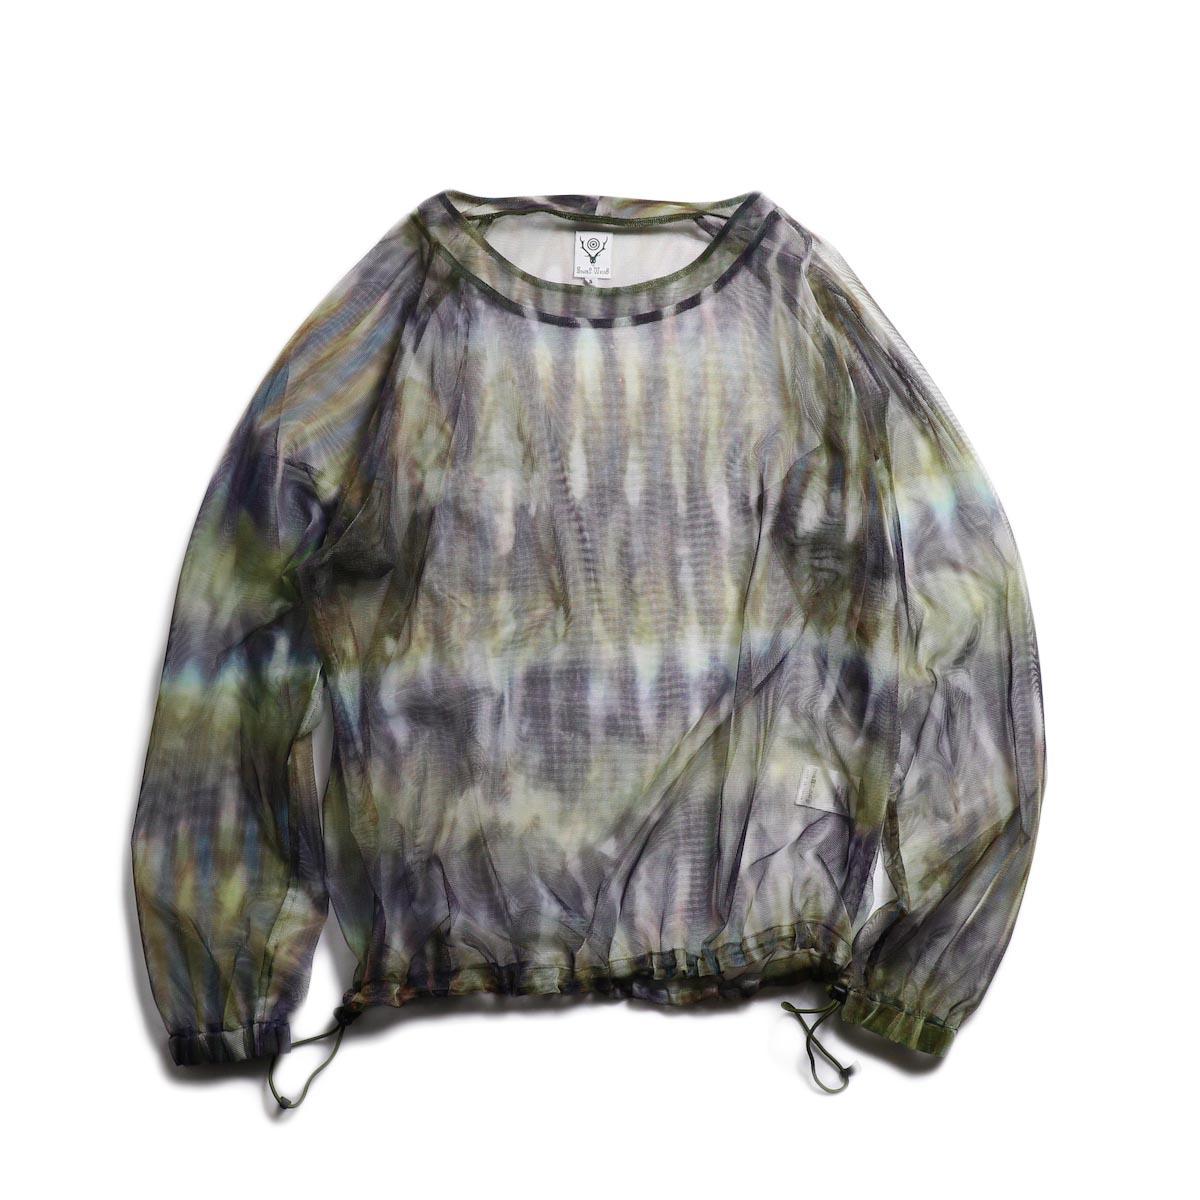 SOUTH2 WEST8 / Bush Shirt -Mesh Print (Tie Dye)